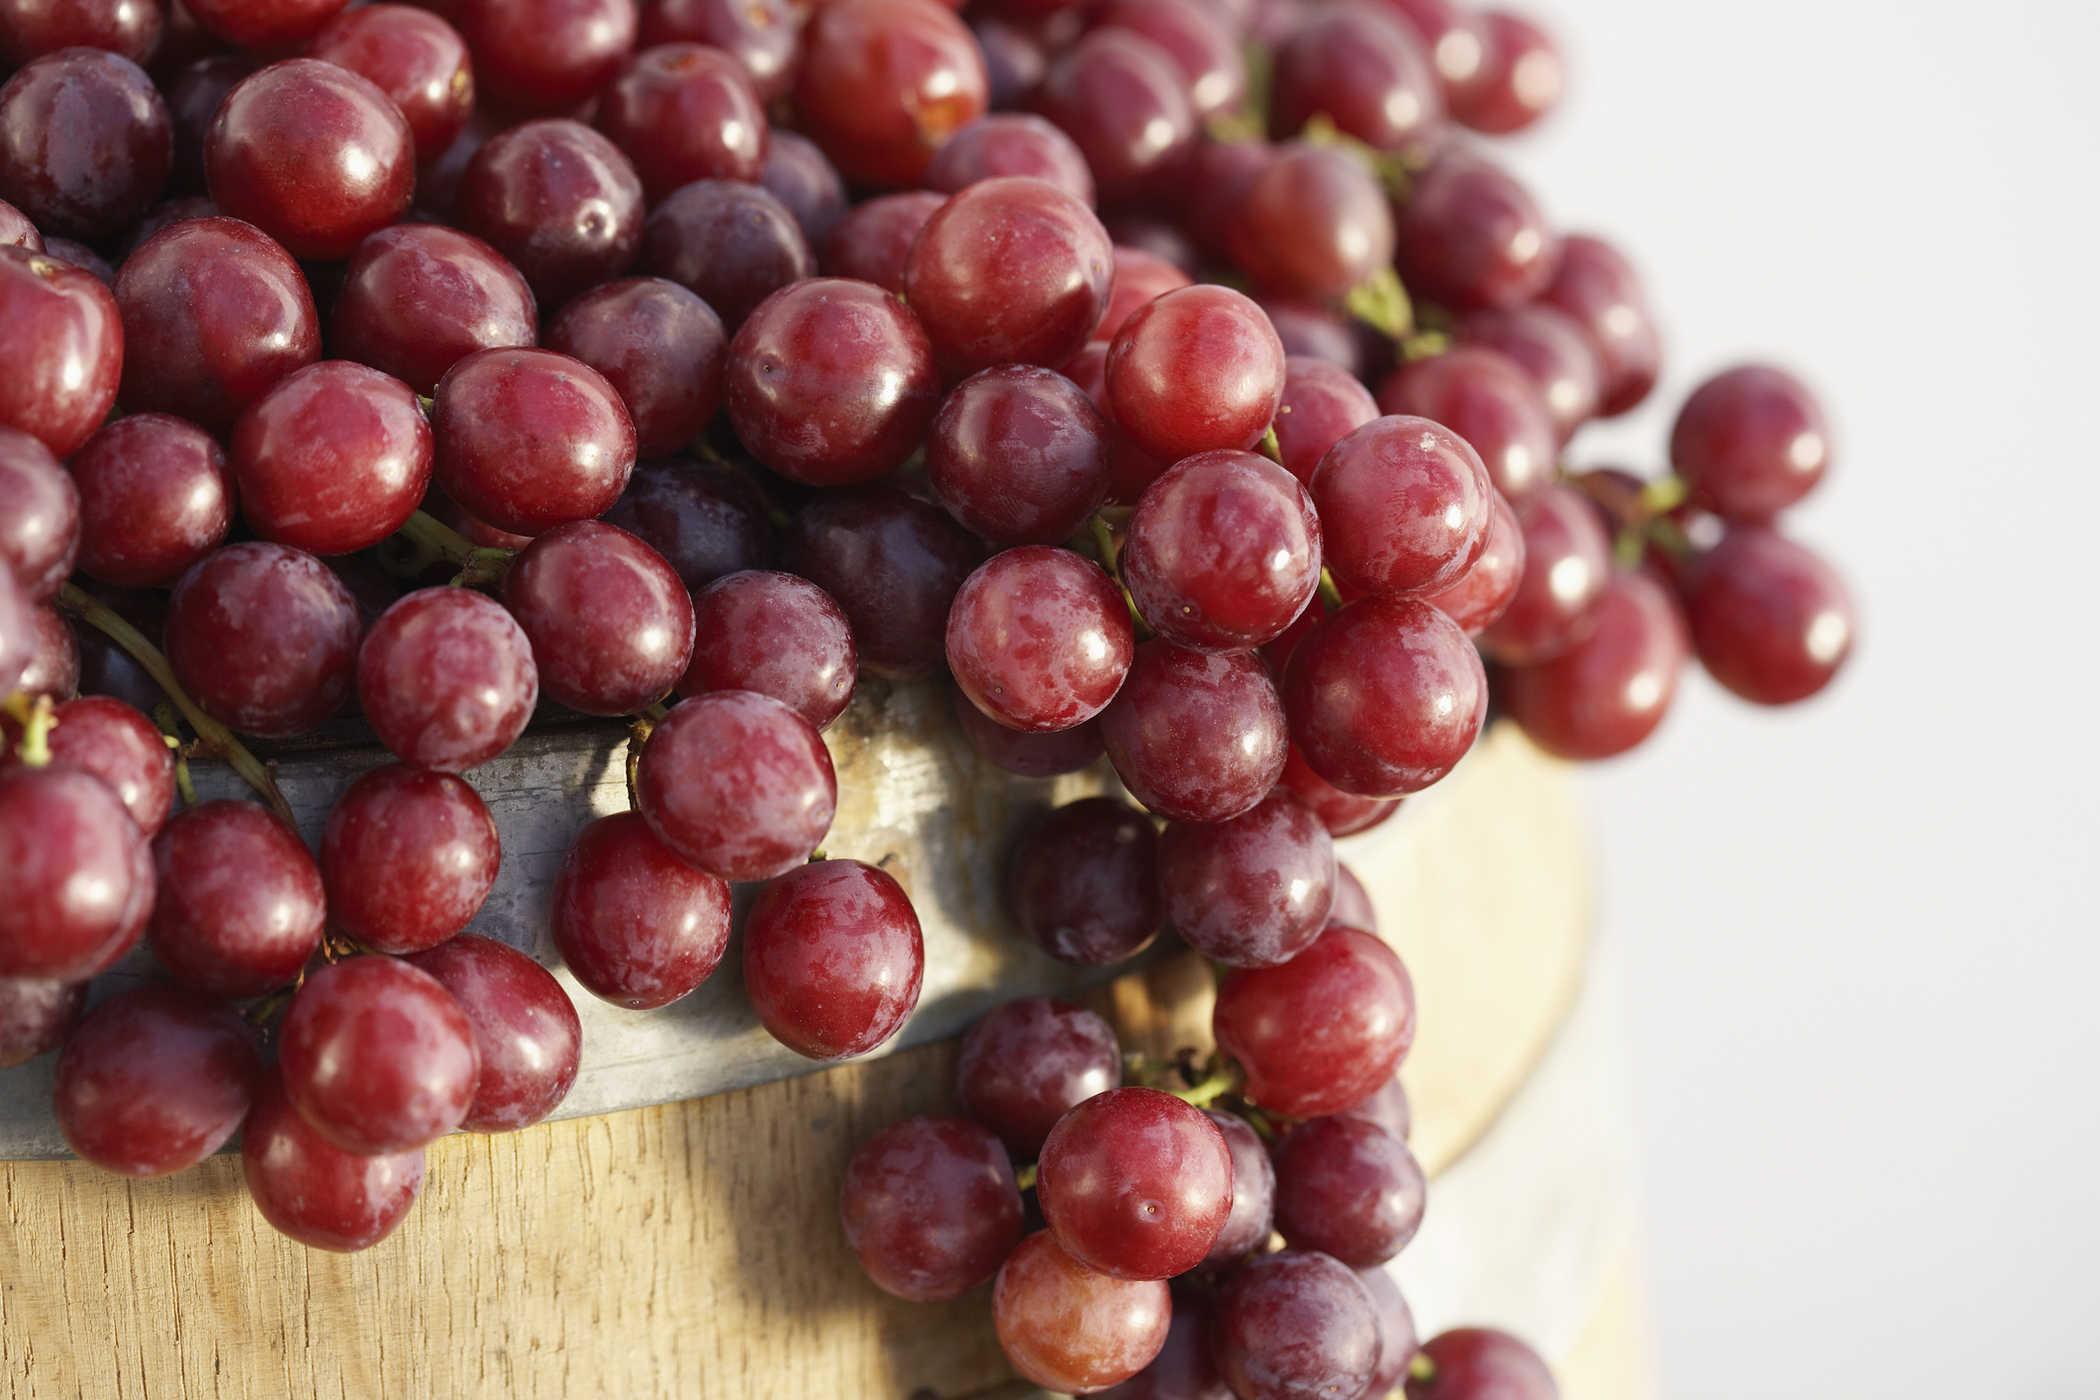 širdies sveikata raudonojo vyno nauda nėštumo metu cardiomagnet hipertenzijos apžvalgoms